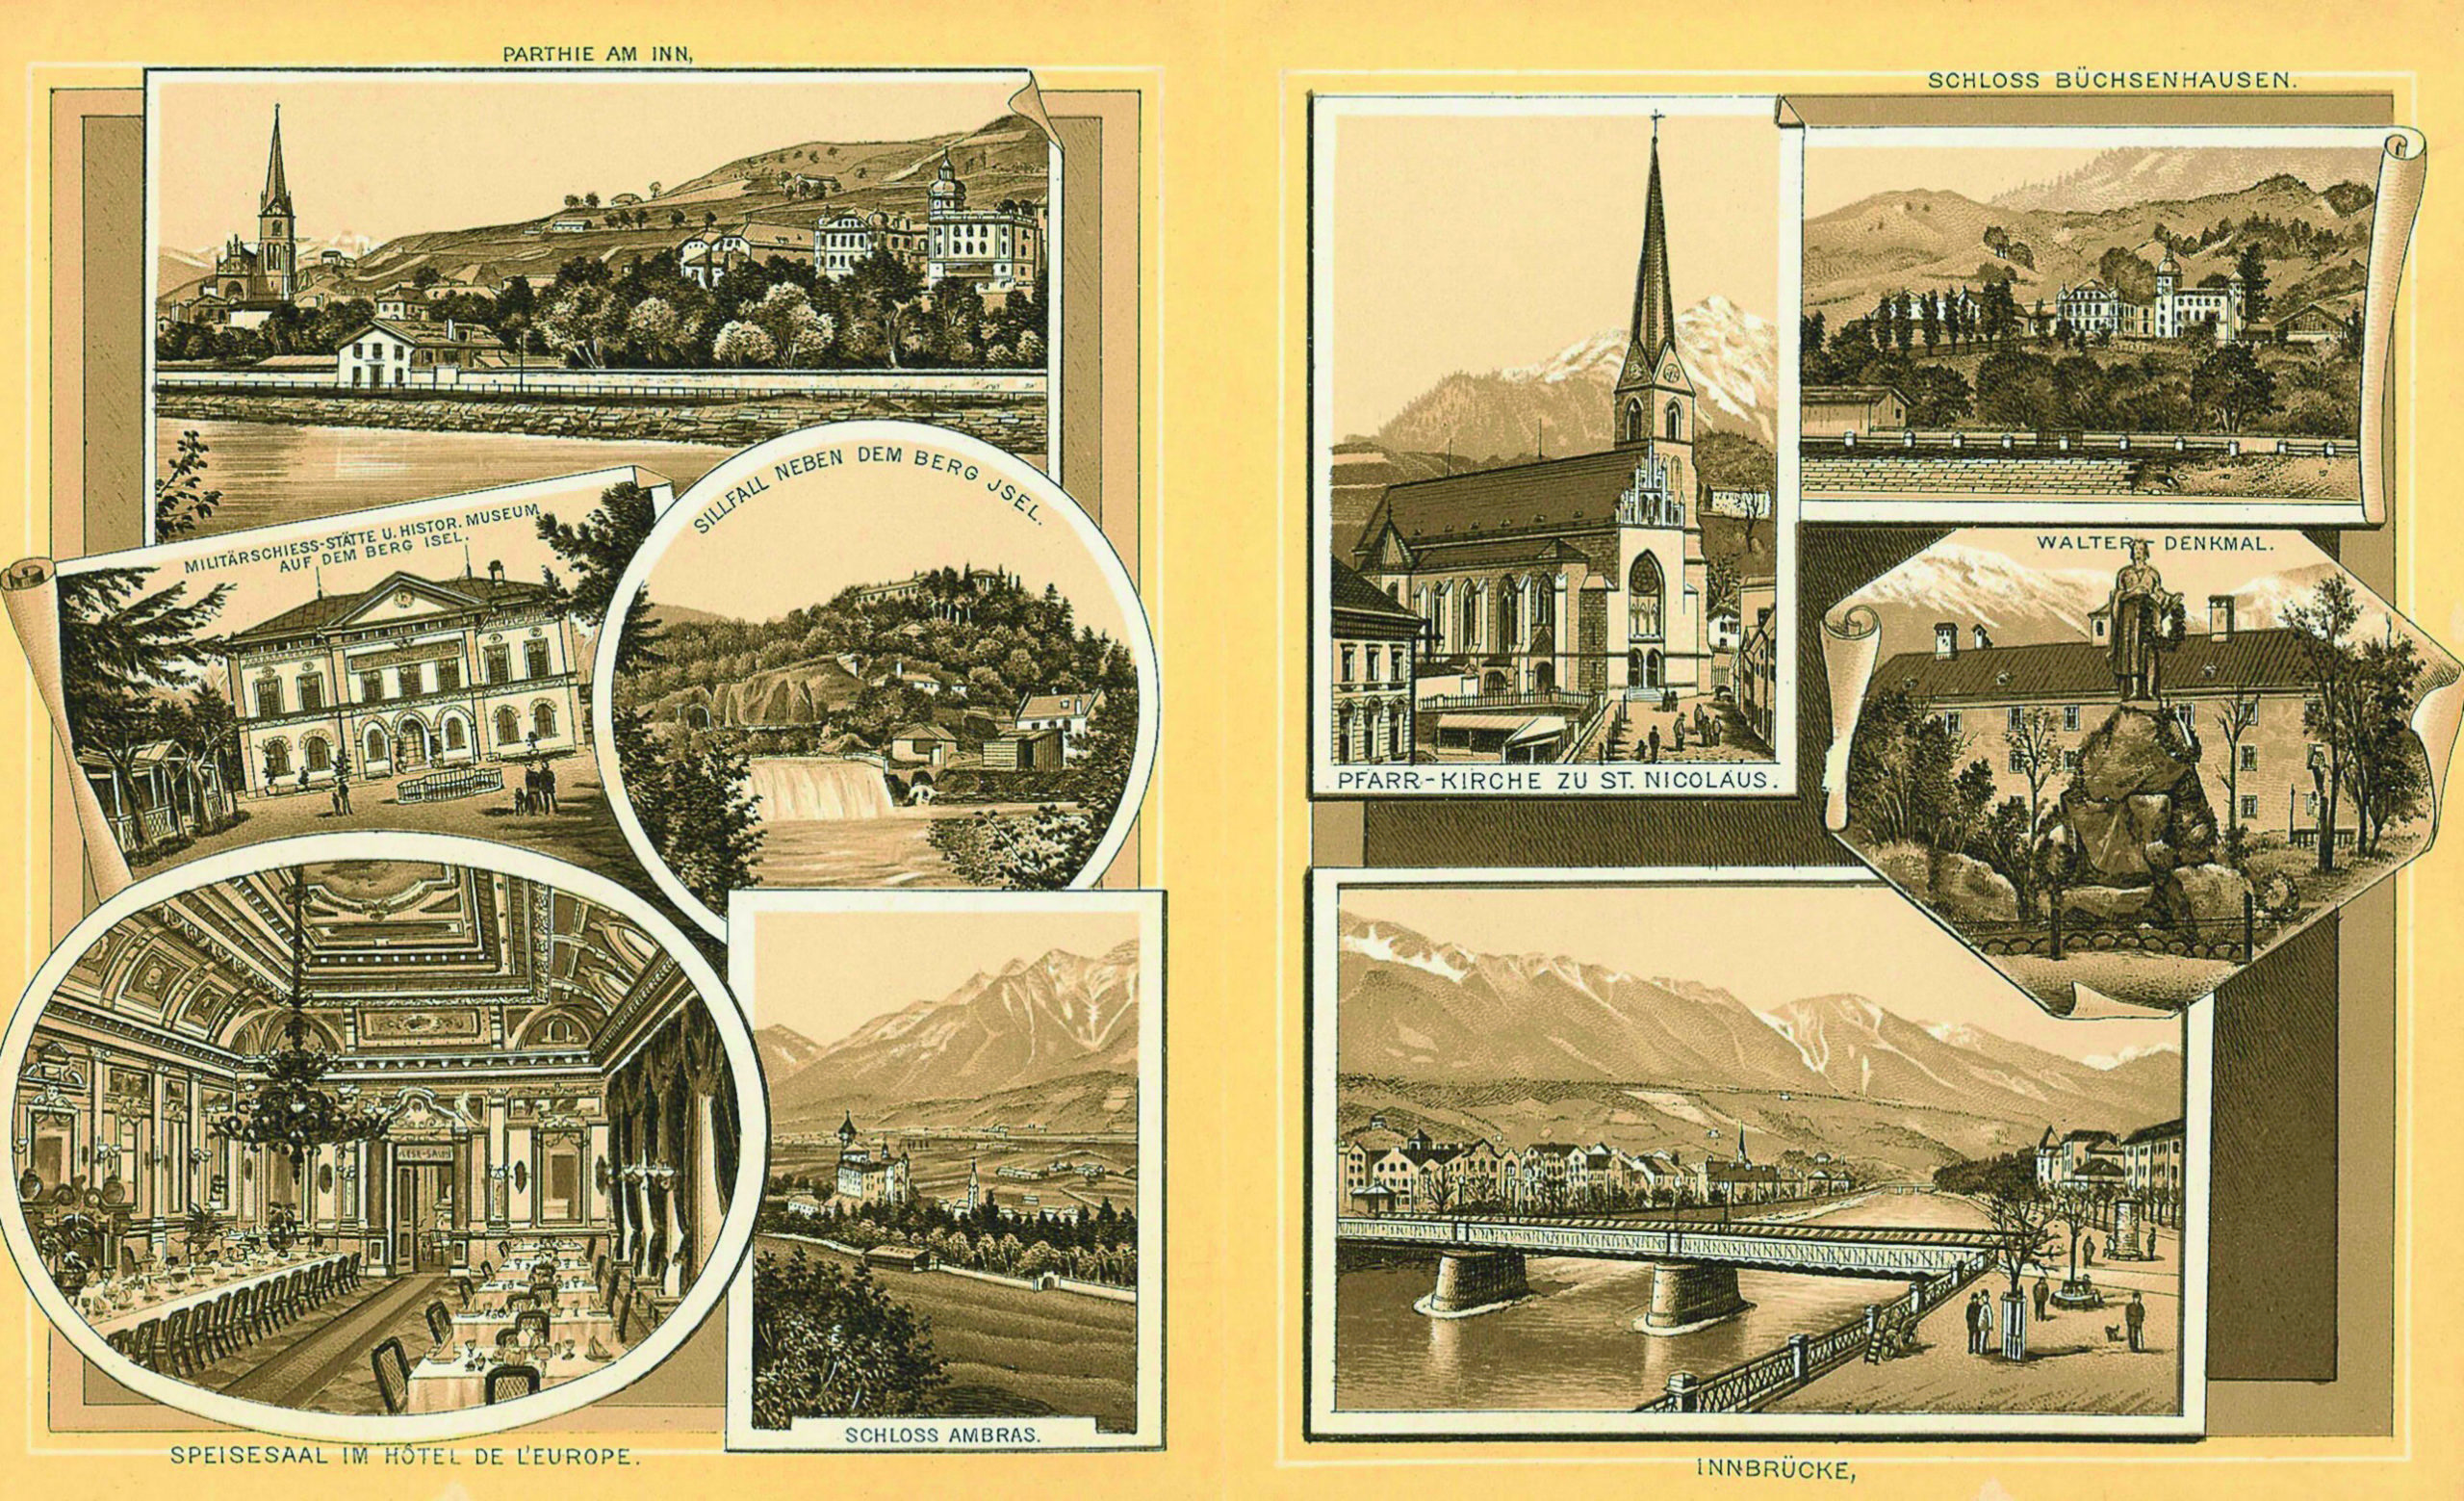 Ein Tourismus-Souvenir Des 19. Jahrhunderts